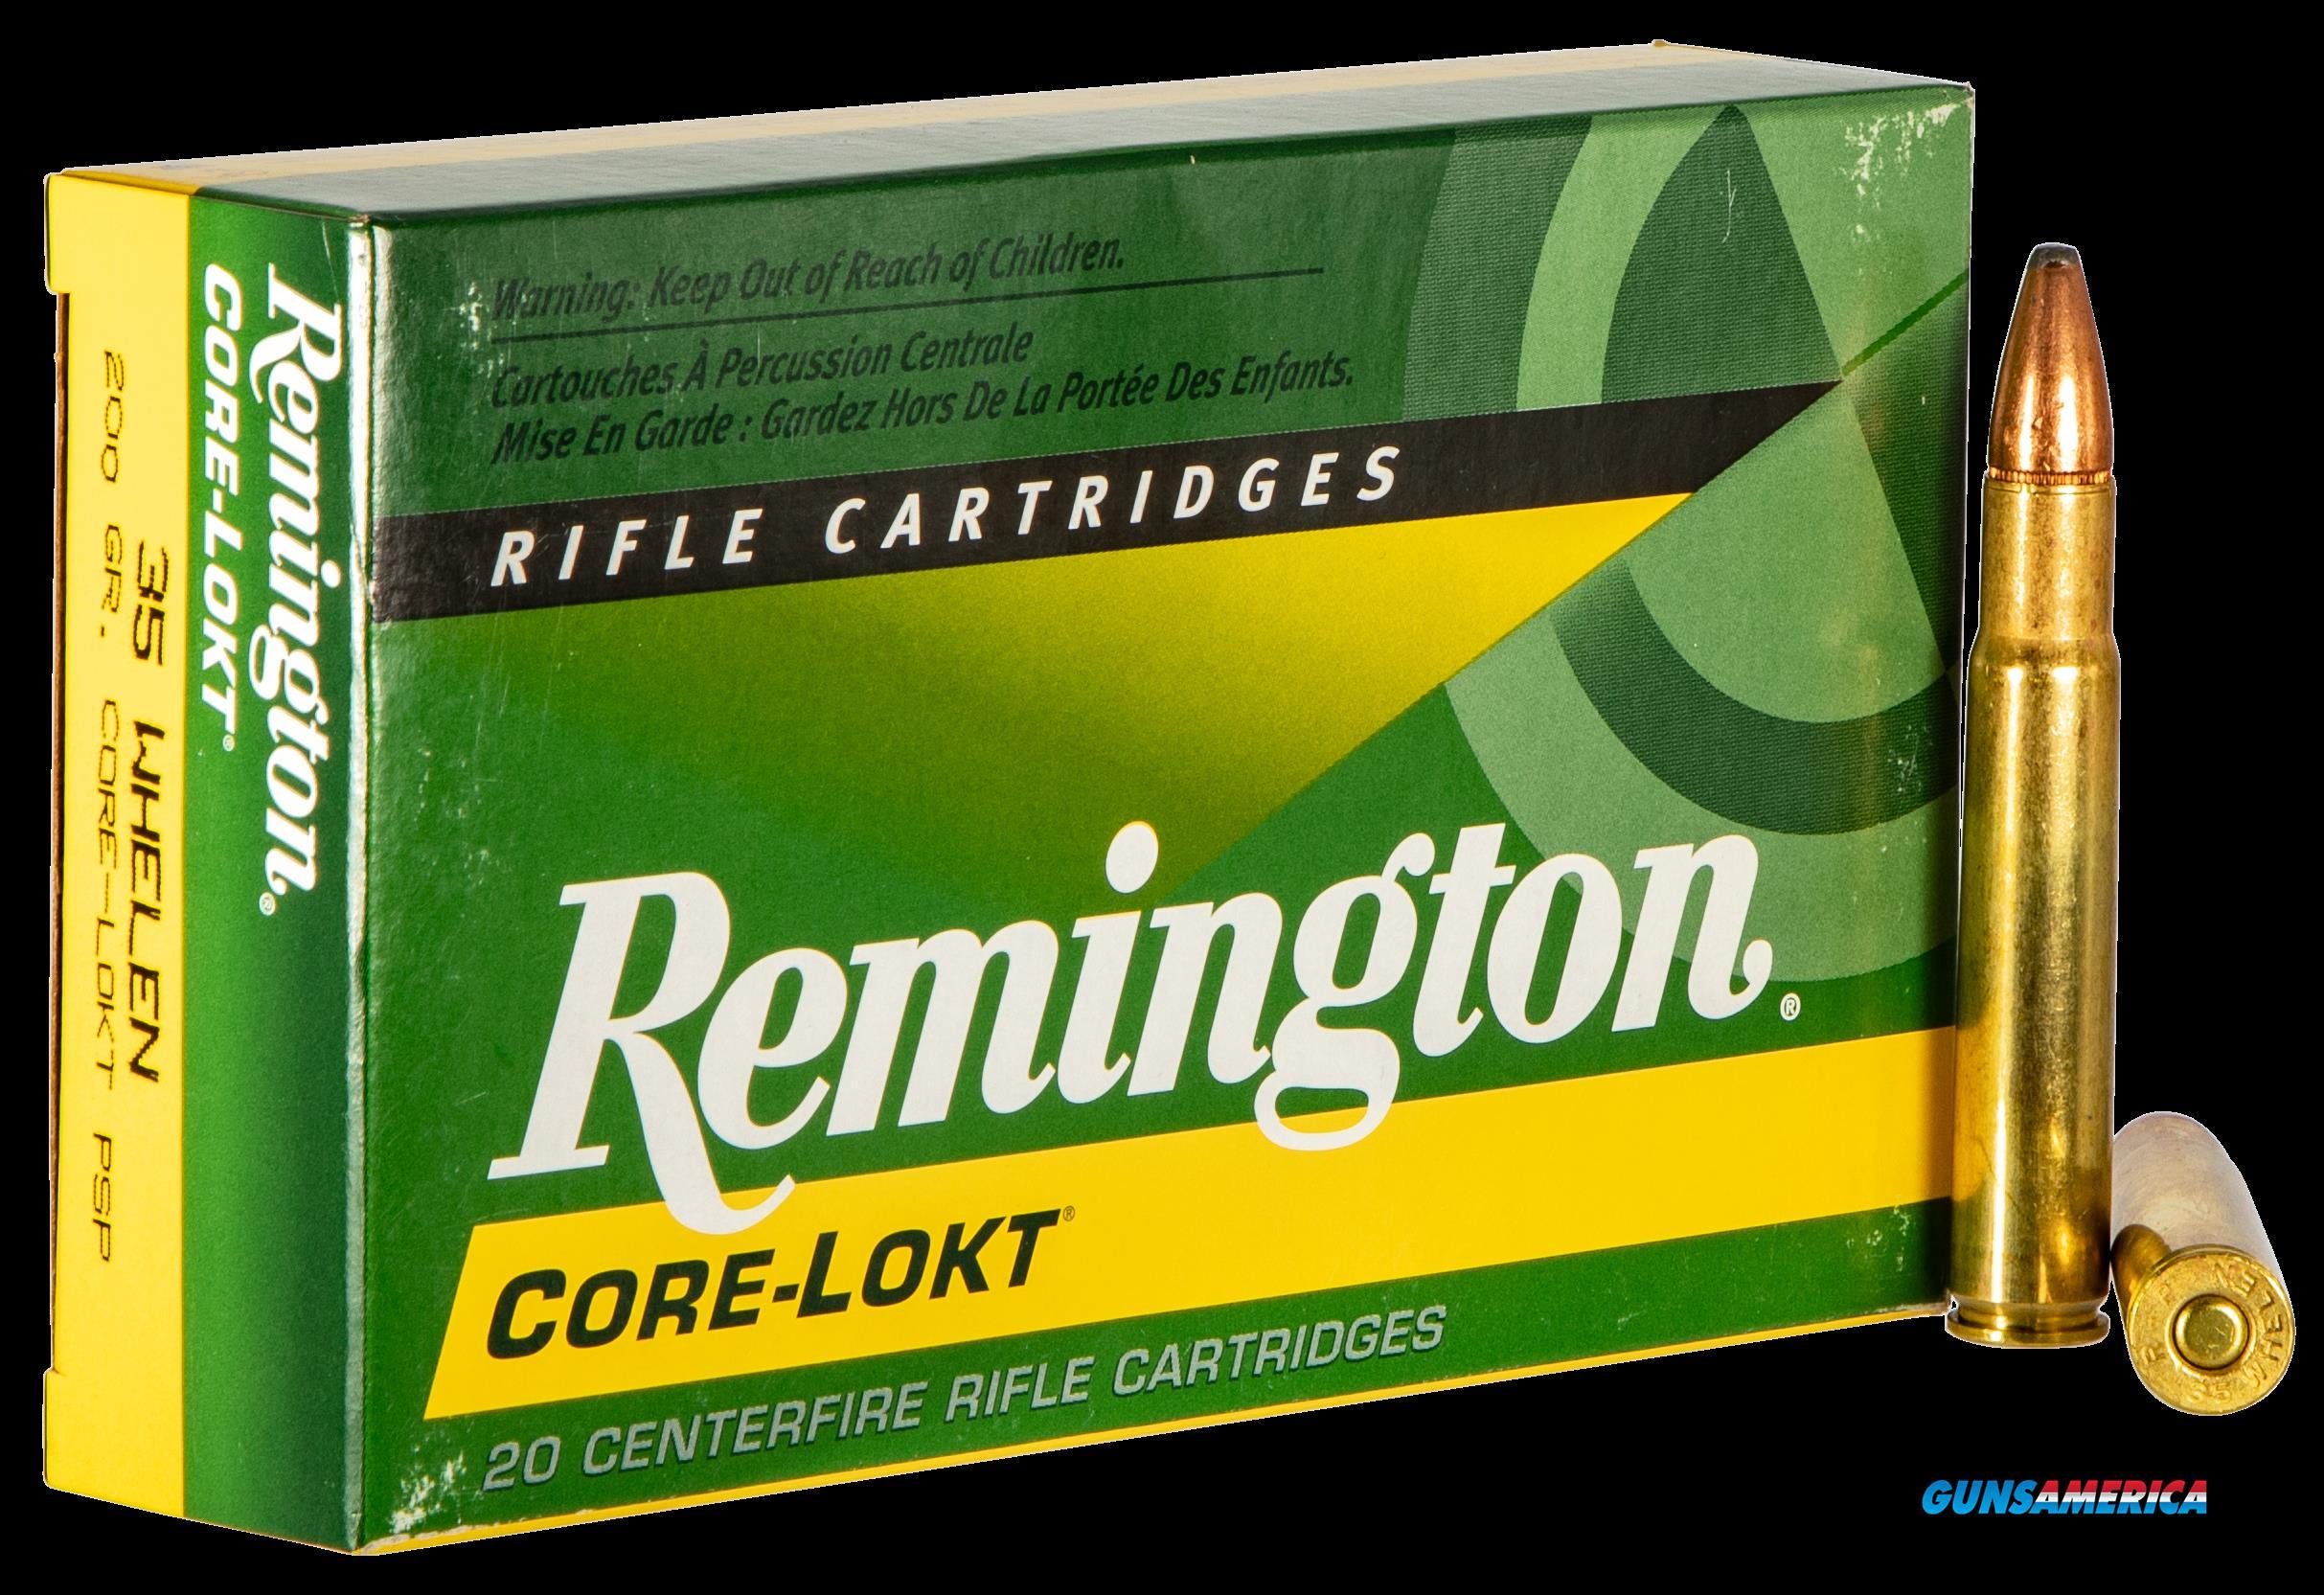 Remington Ammunition Core-lokt, Rem 21495 R35wh1   35 Whln   200 Psp   20-10  Guns > Pistols > 1911 Pistol Copies (non-Colt)